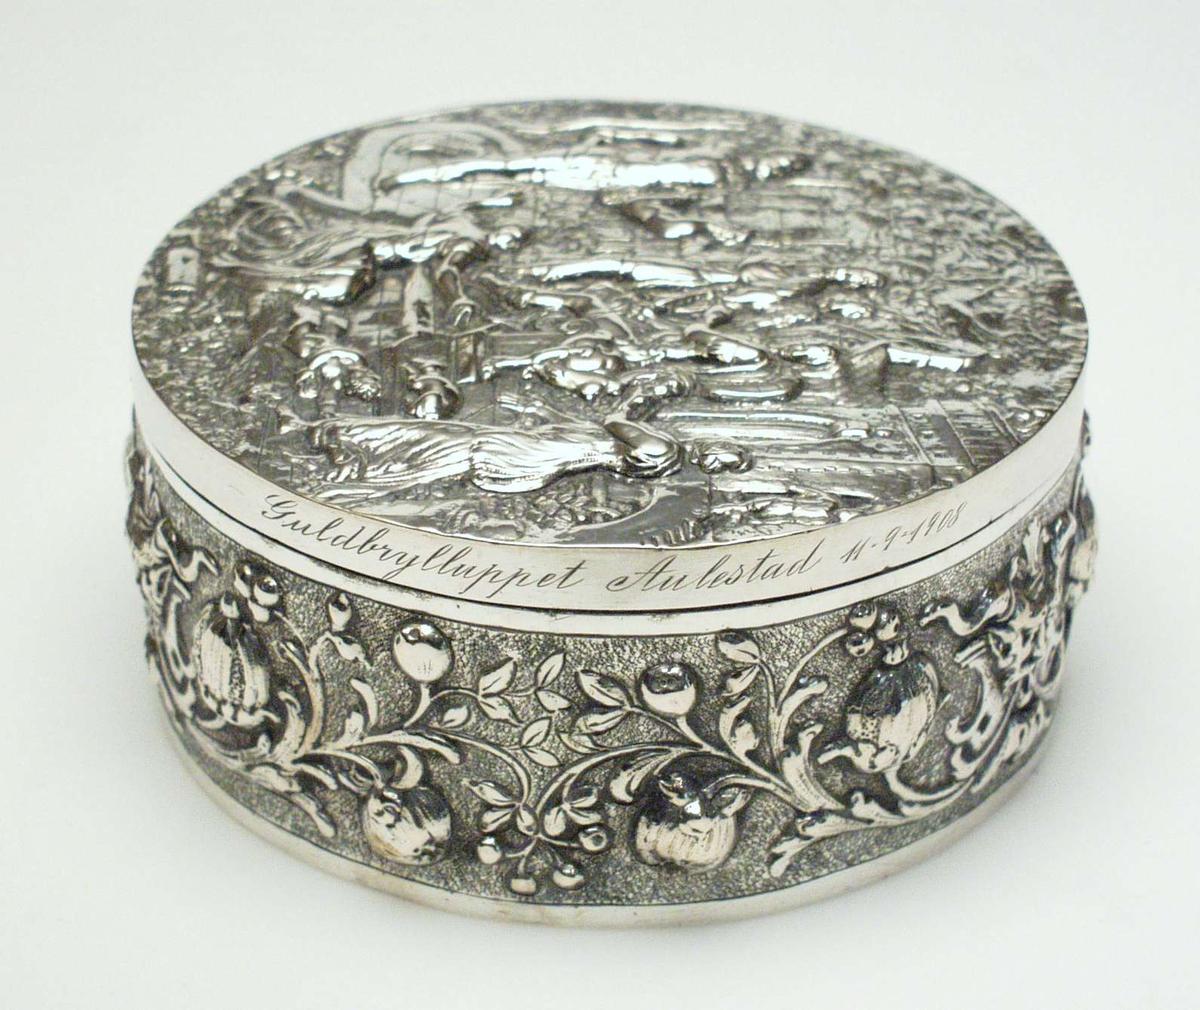 Rundt skrin i sølv med støpt dekor i relieff. På lokket et bibelsk motiv i relieff, på esken et rosemønster